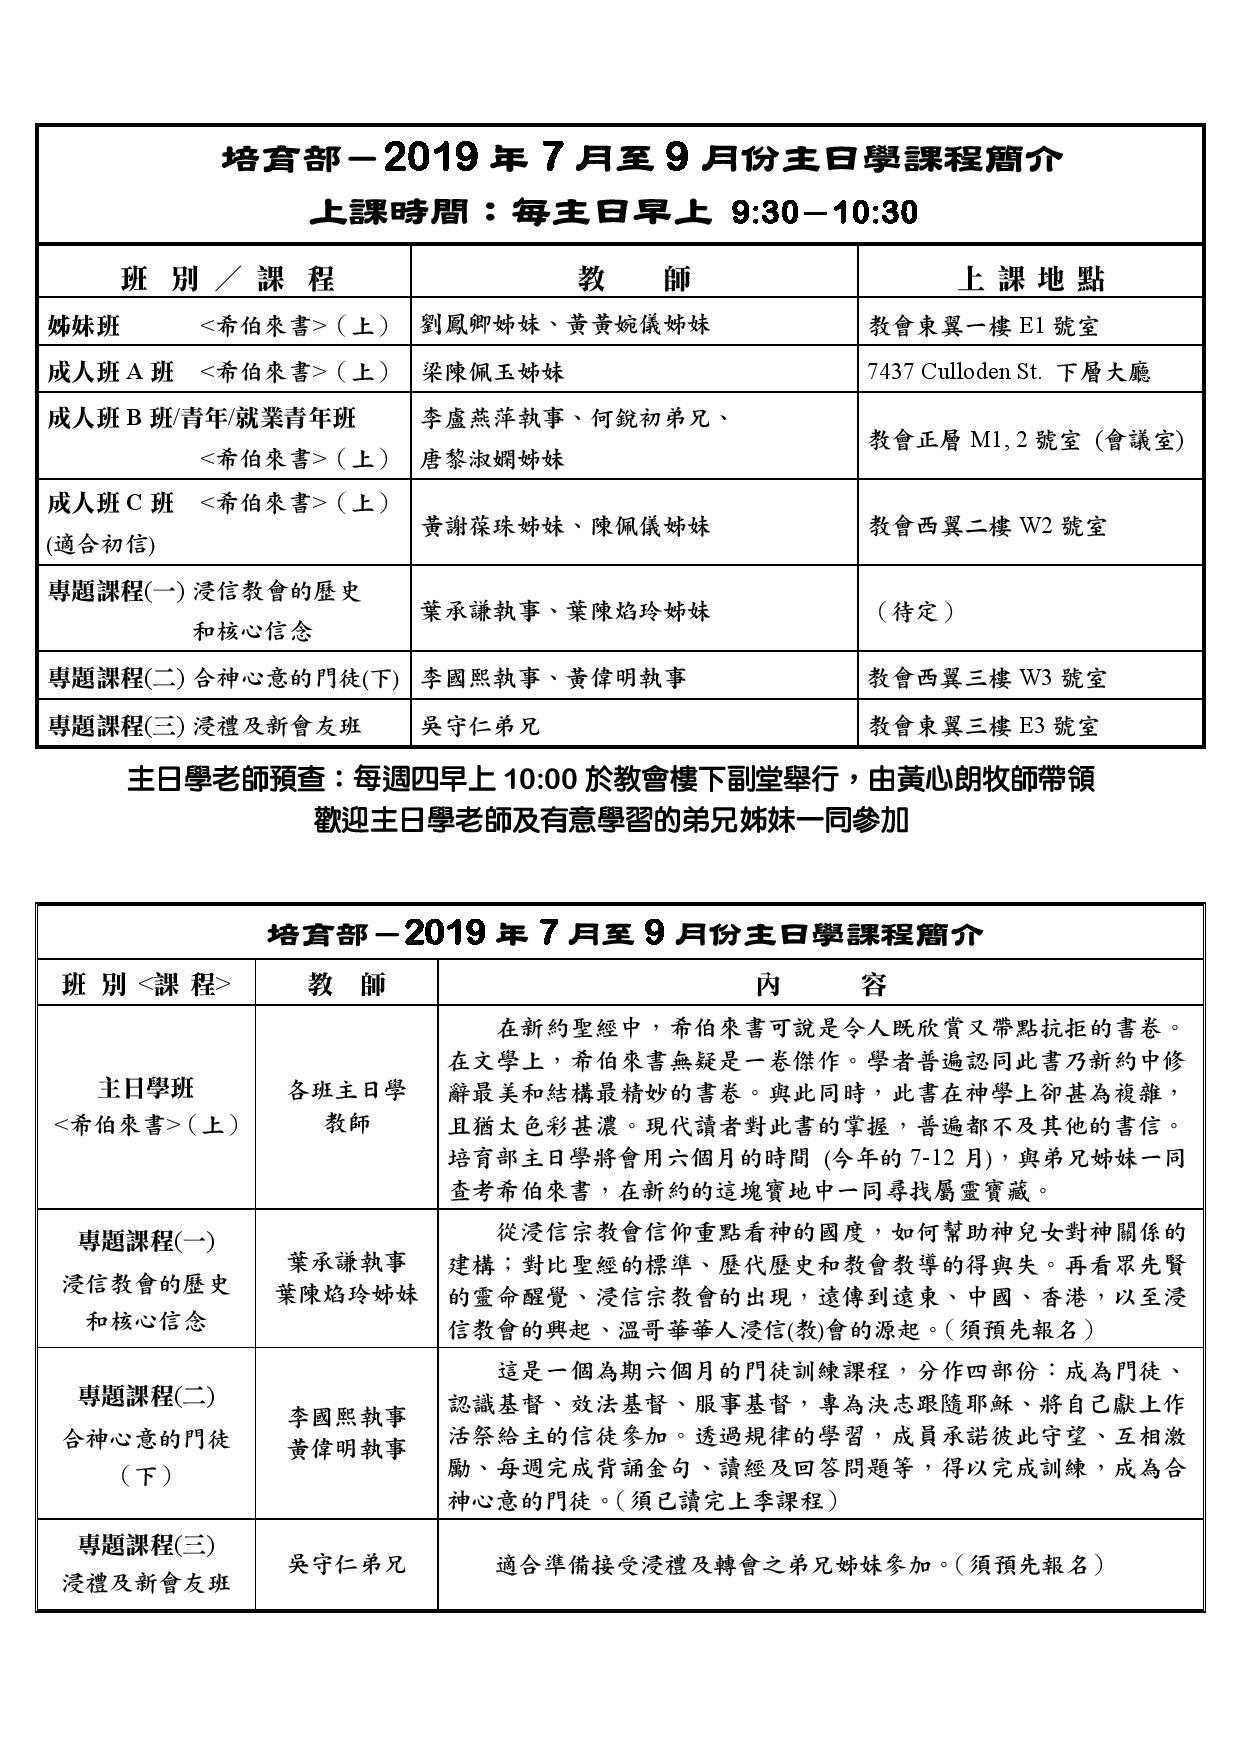 培育部-2019年7月至9月份主日學課程簡介